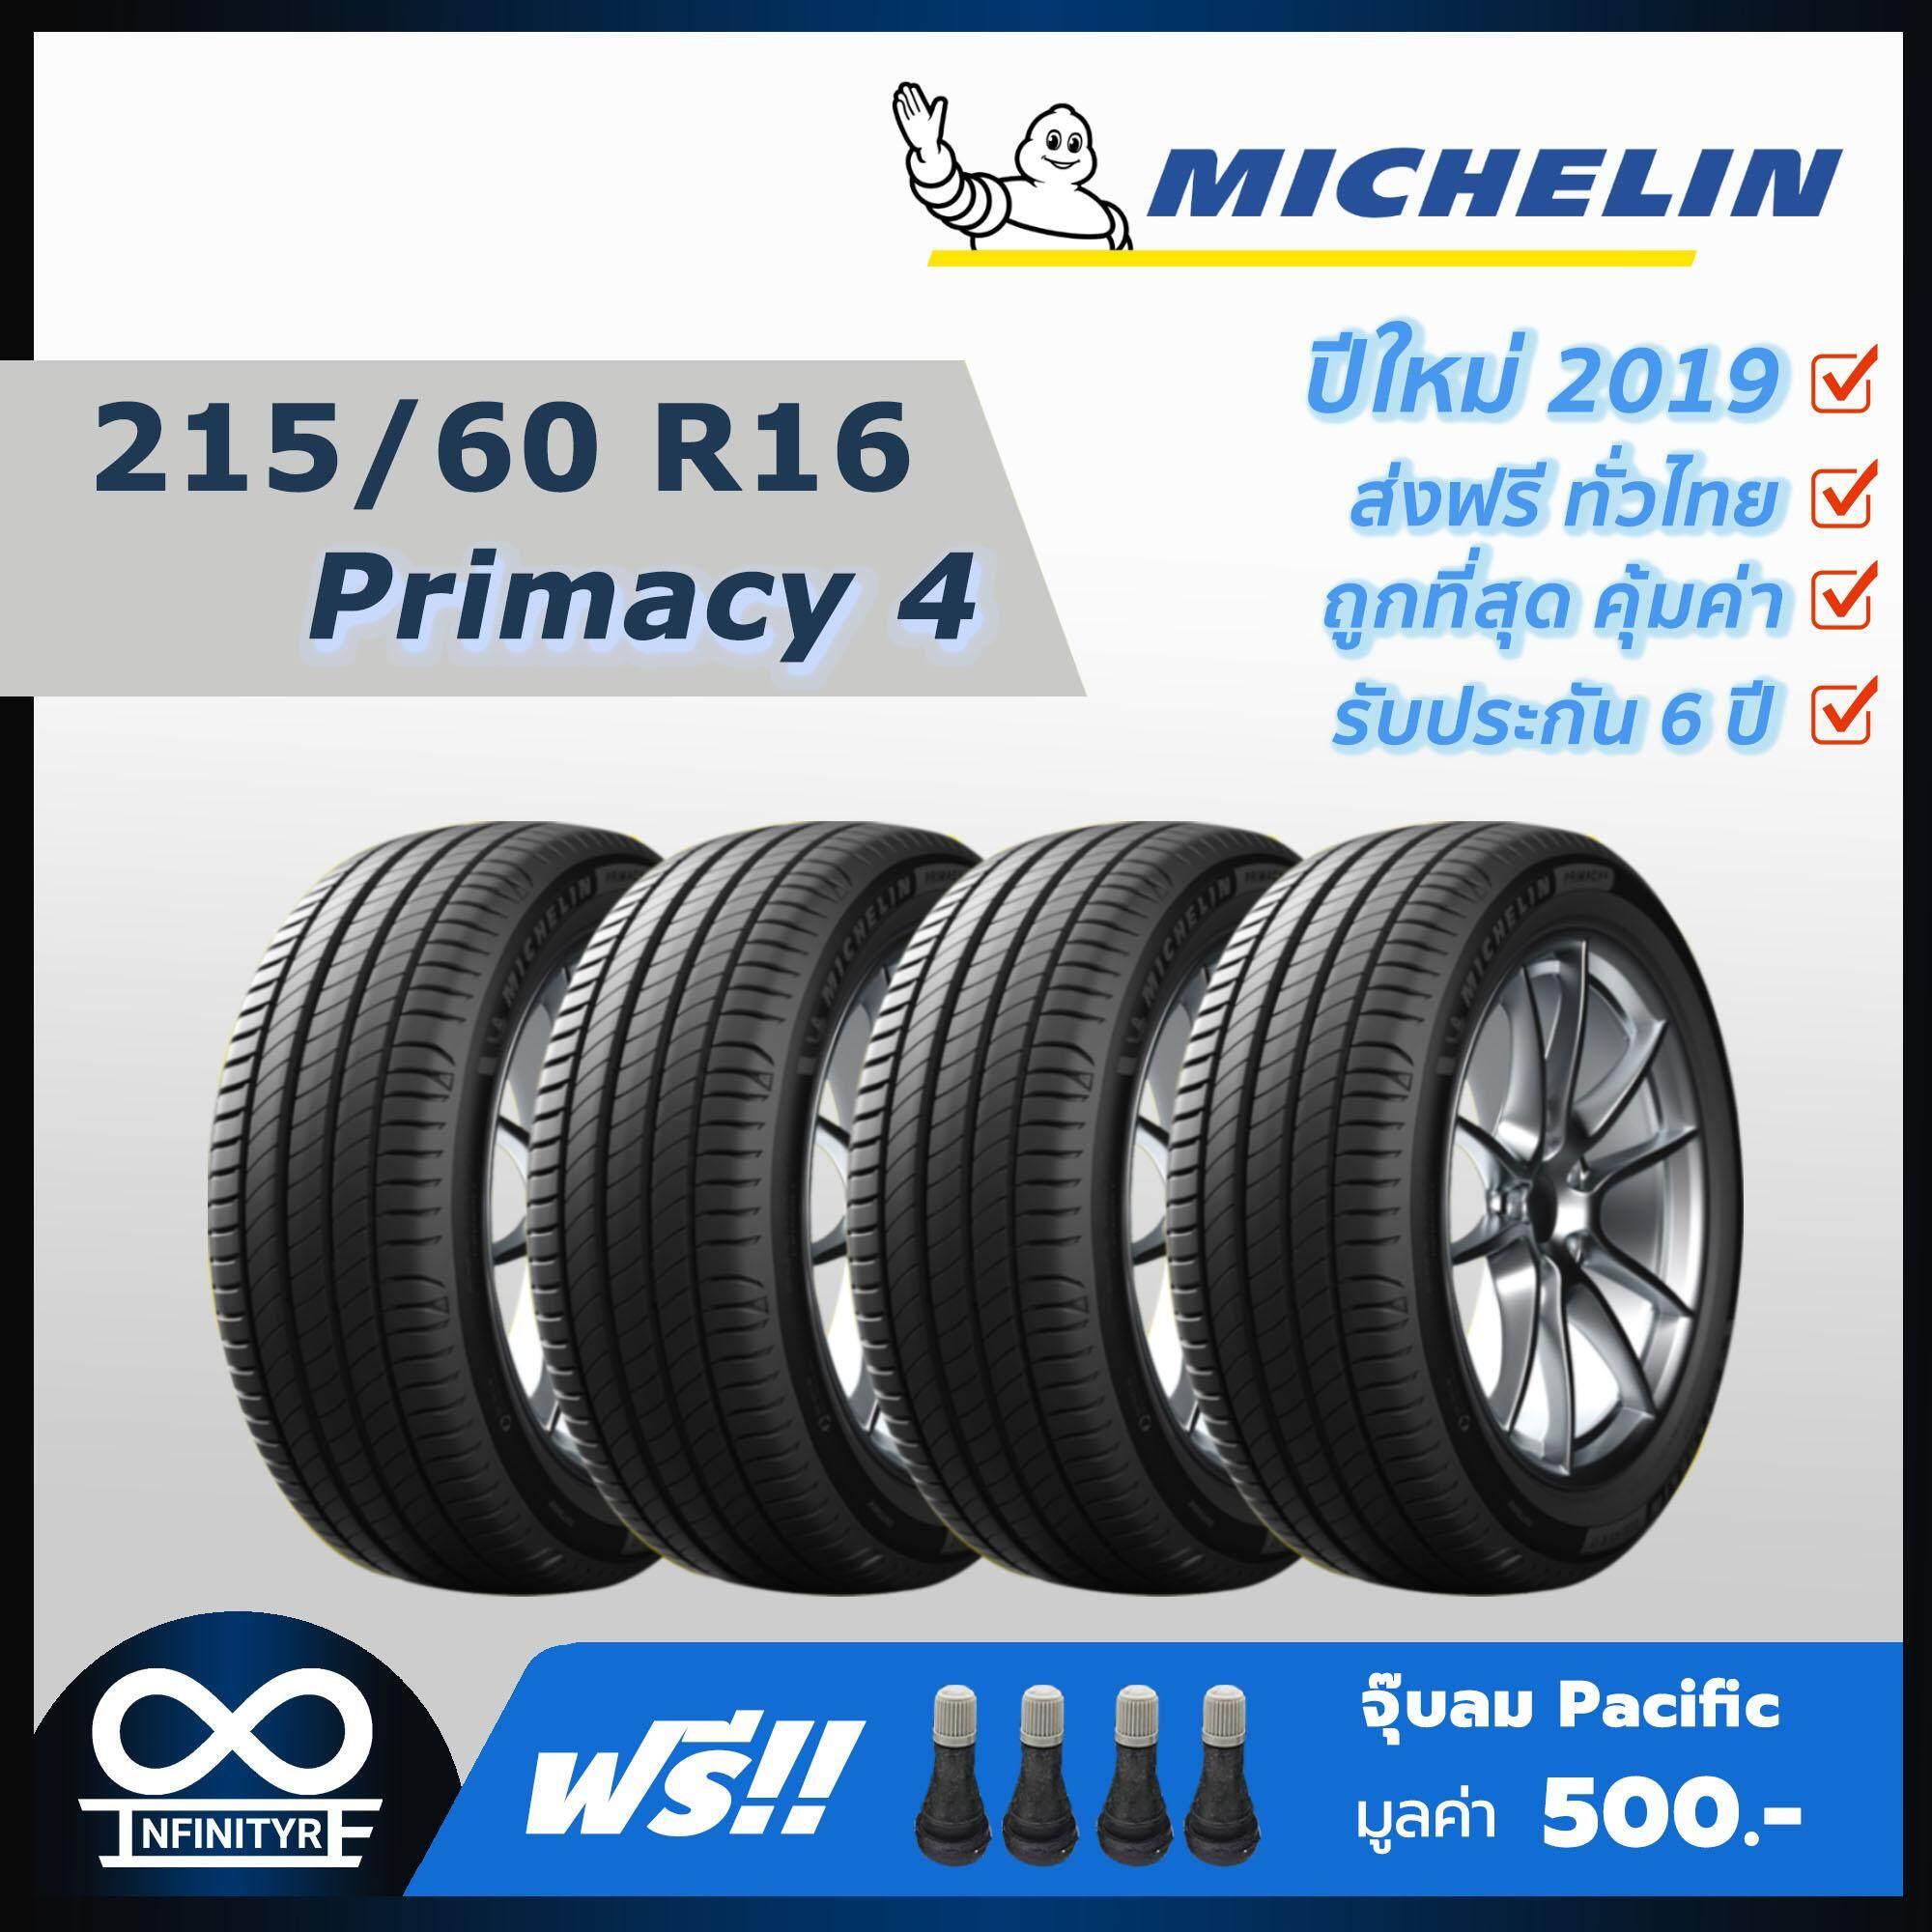 ประกันภัย รถยนต์ แบบ ผ่อน ได้ พิจิตร 215/60R16 Michelin มิชลิน รุ่น Primacy 4 (ปี2019) 4เส้น (ฟรี! จุ๊บลมPacific เกรดพรีเมี่ยม)